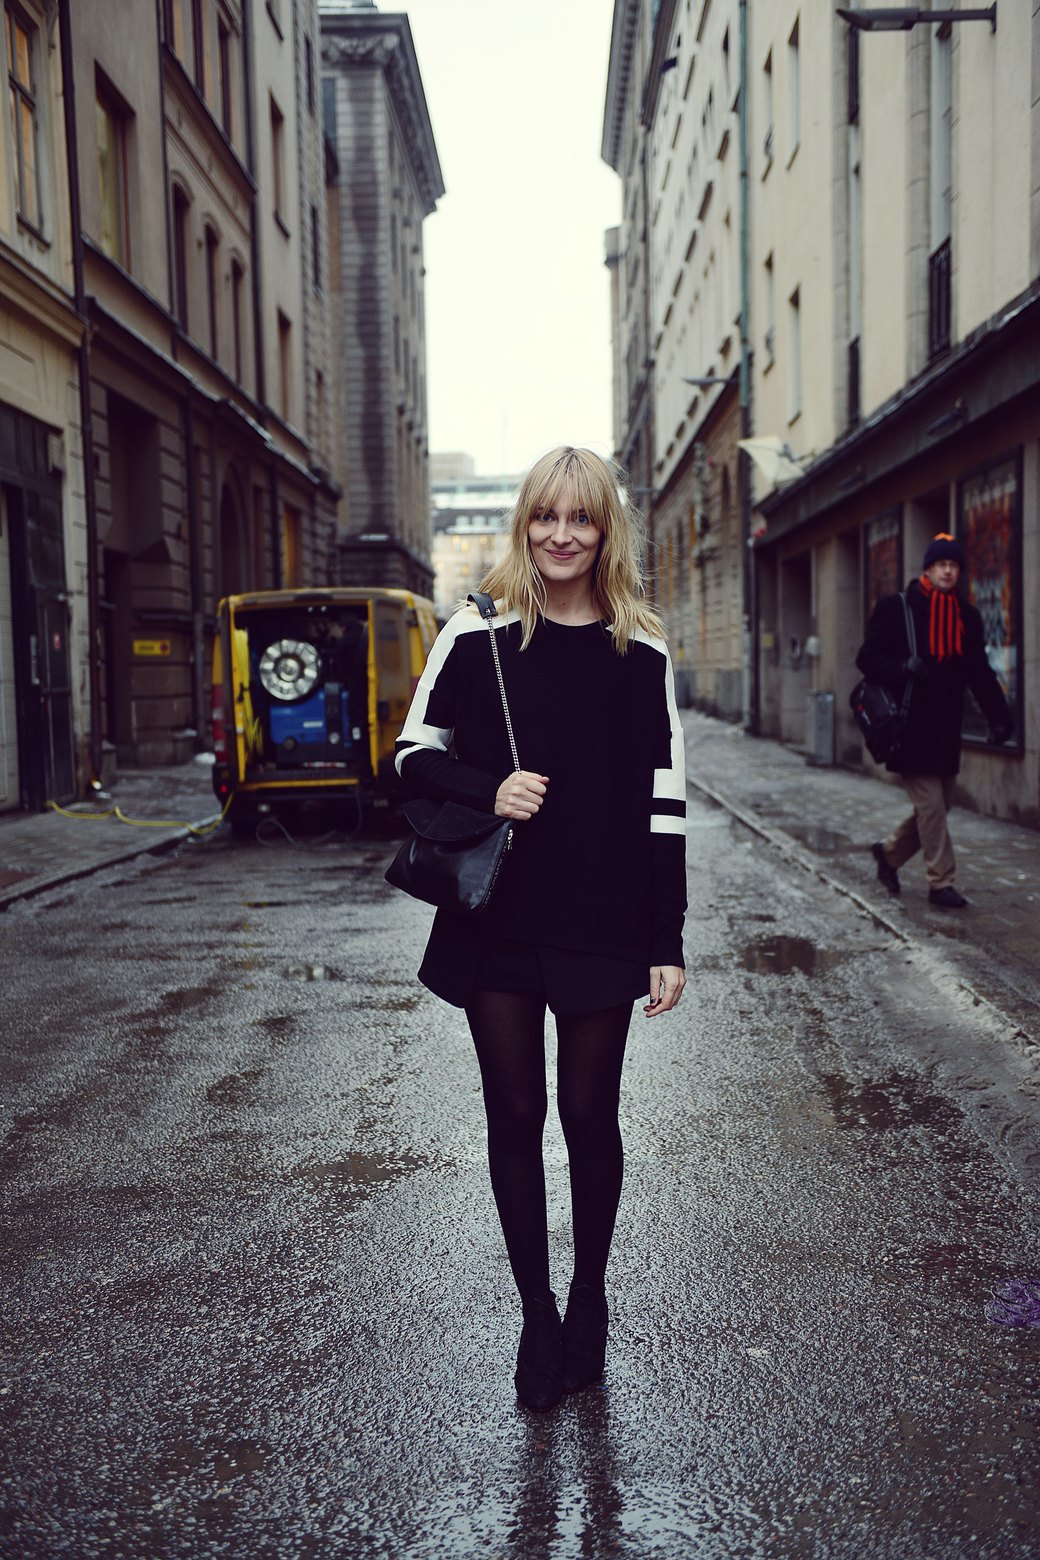 Шубы и горох на Stockholm Fashion Week. Изображение № 3.